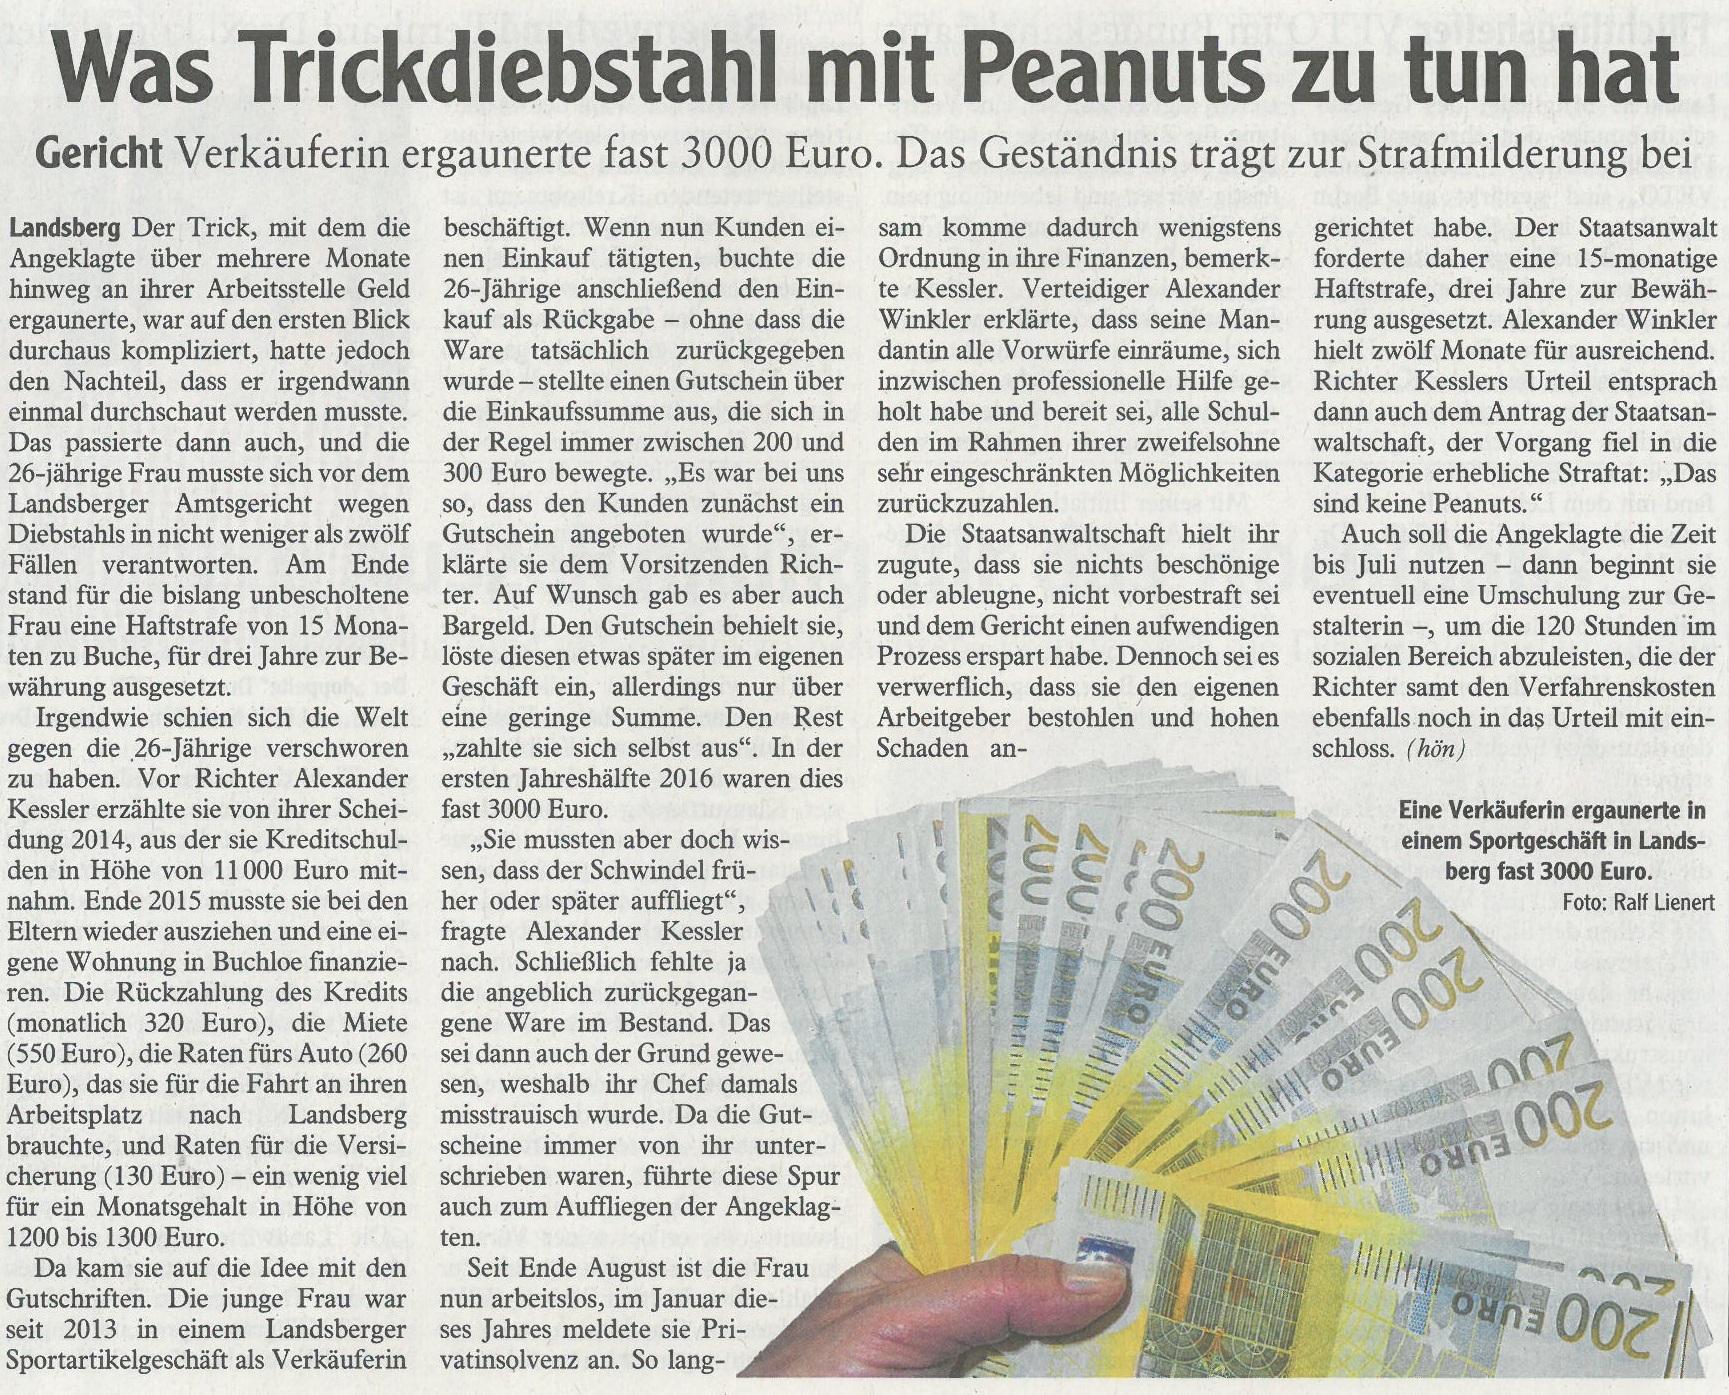 Landsberger Tagblatt, März 2017